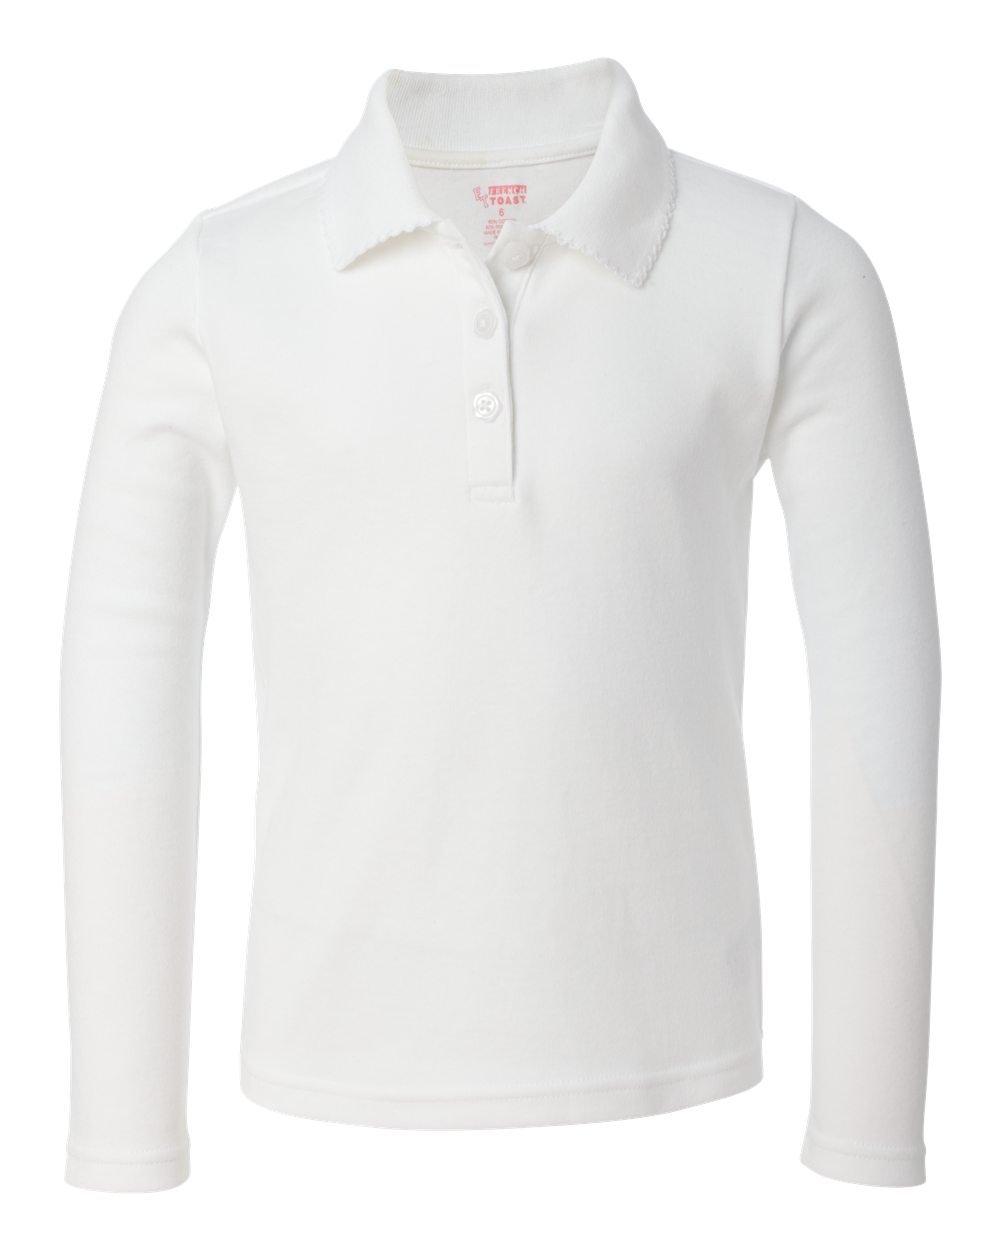 d744296d Long Sleeve Polo Shirts Uniform - Cotswold Hire